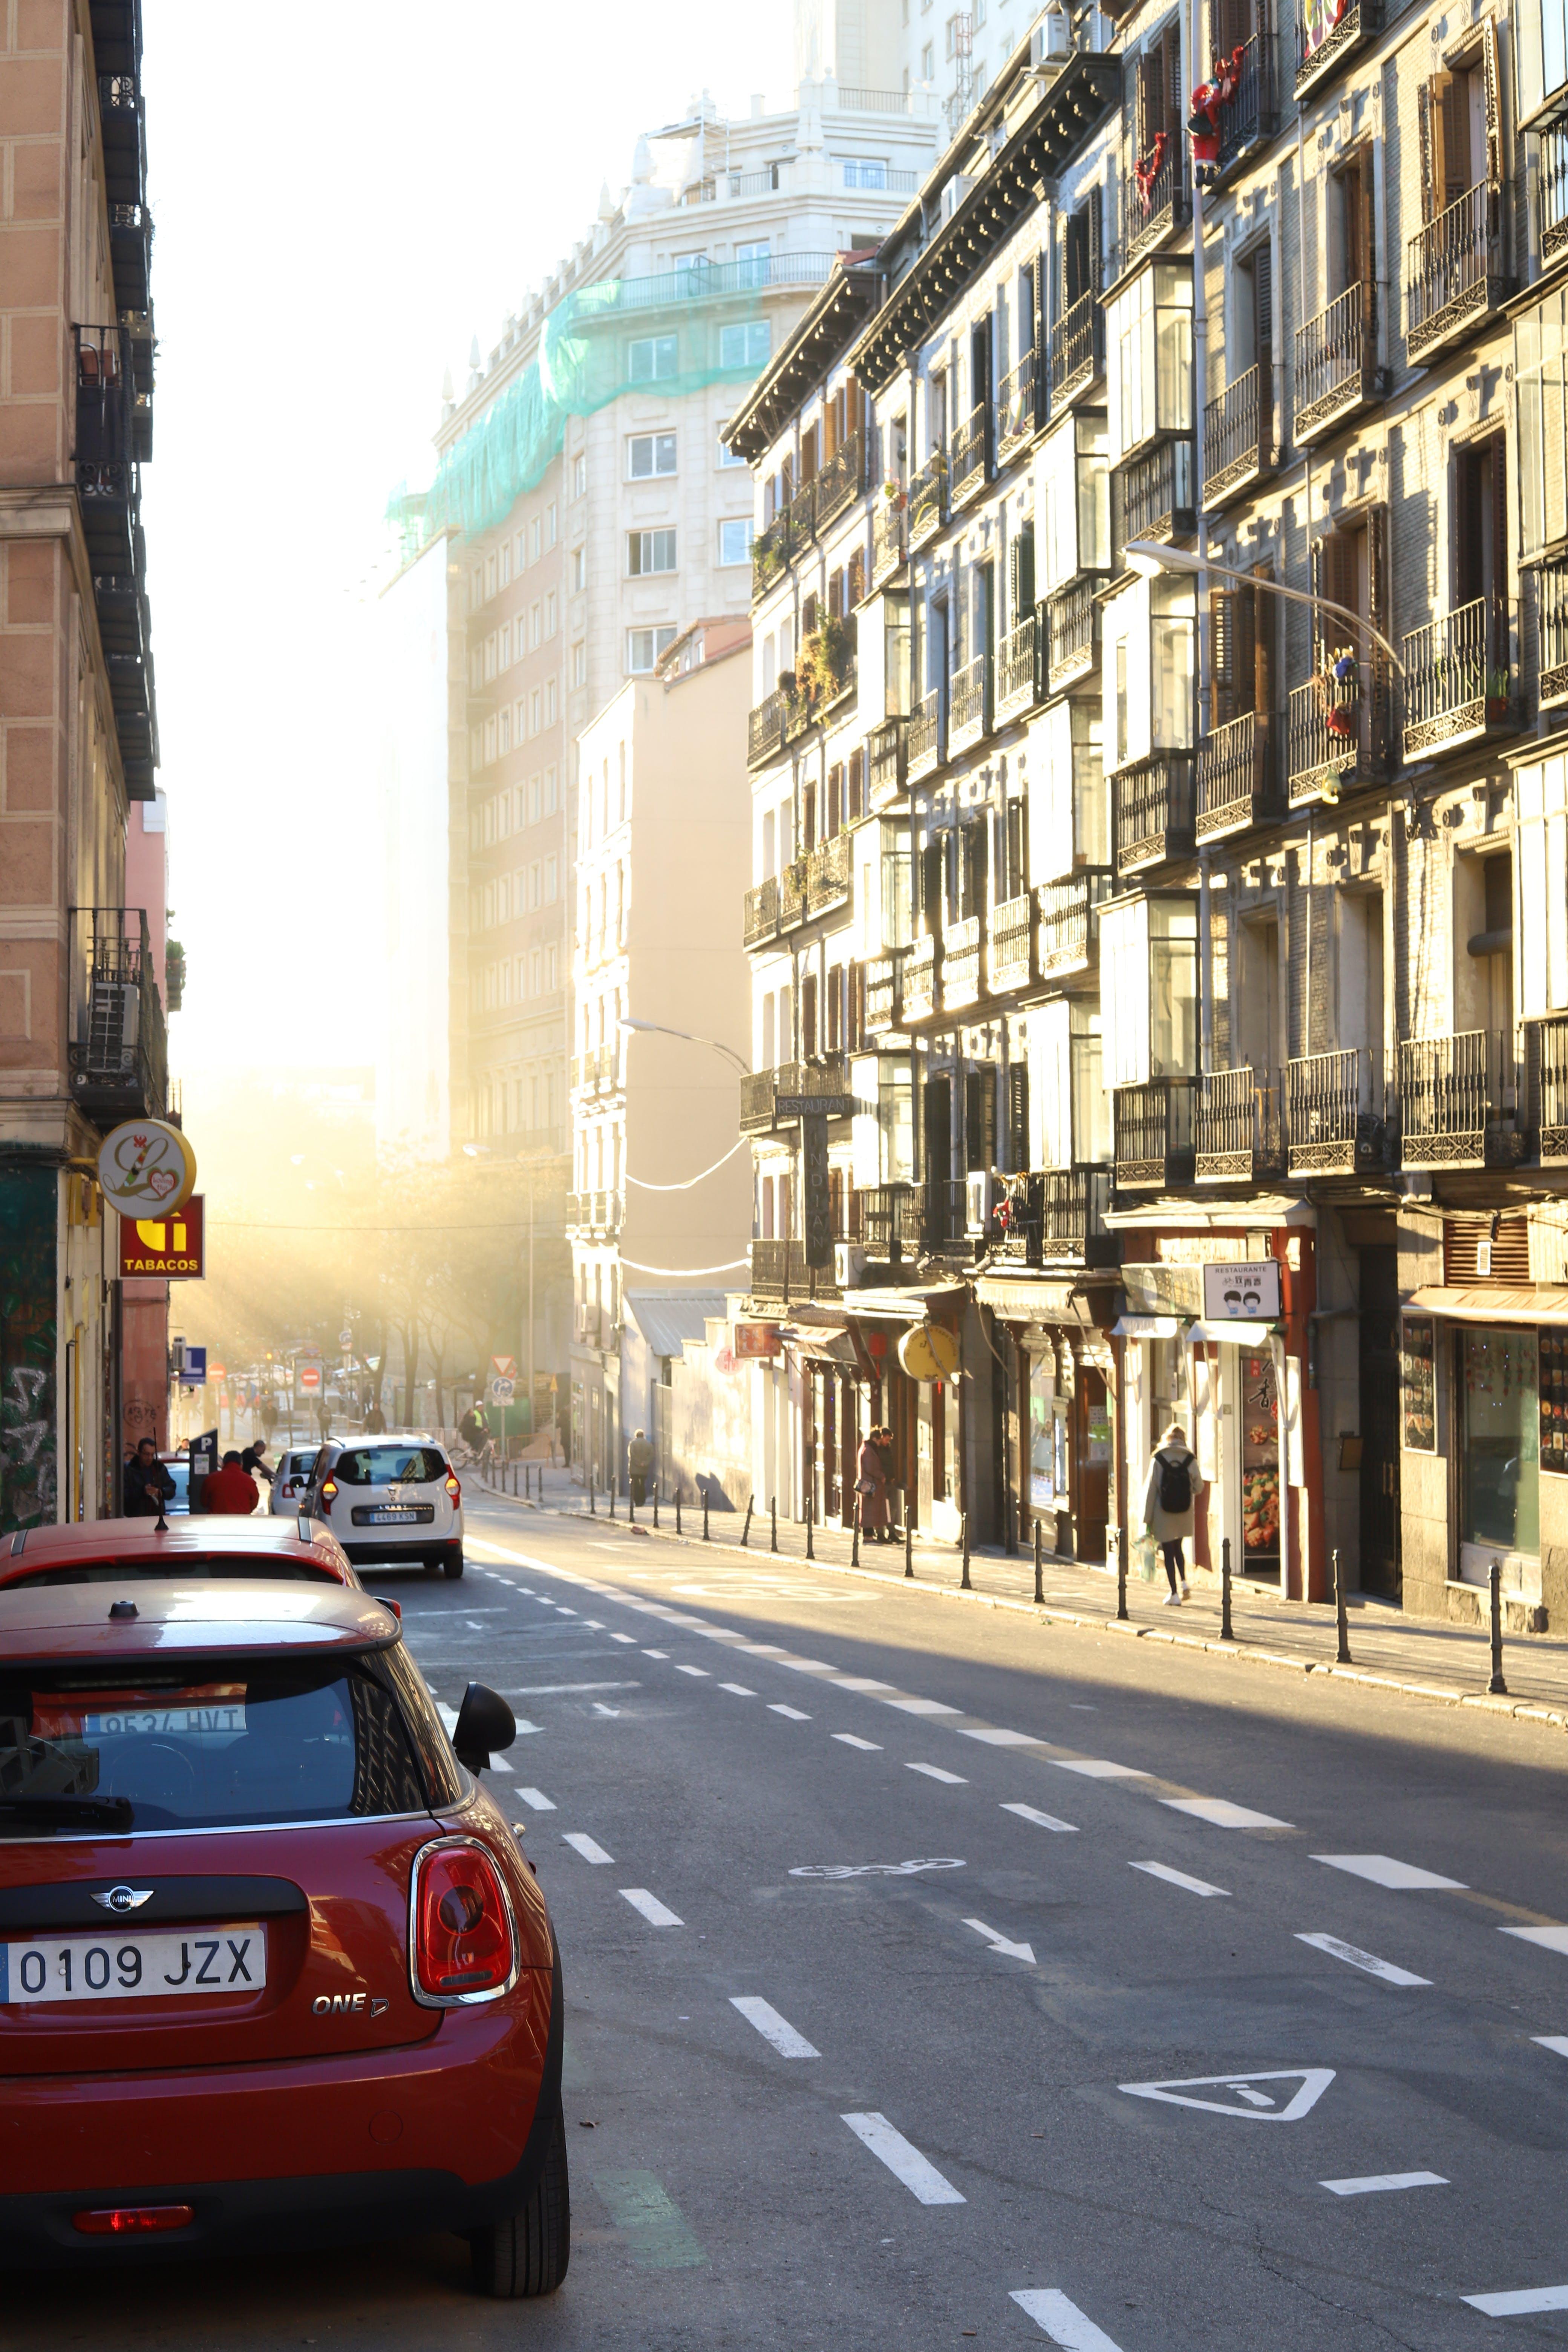 Fotos de stock gratuitas de bonito, calle, carretera, coches